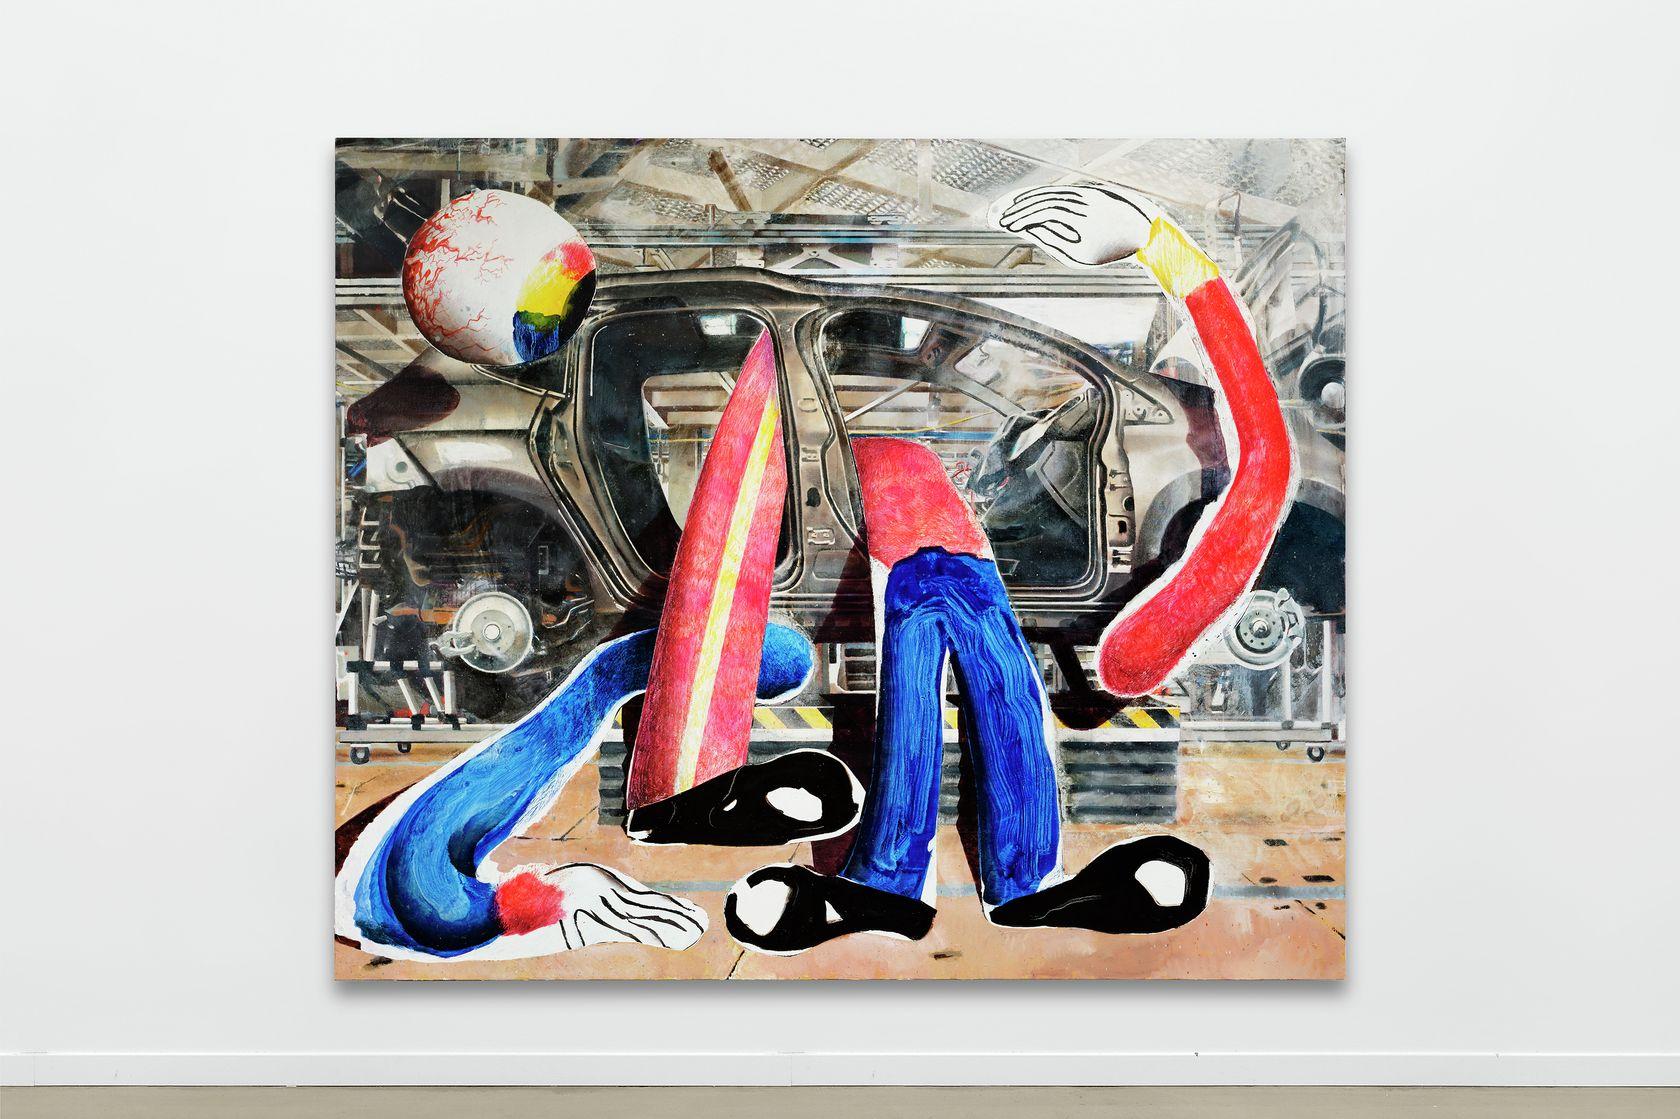 Laurent Proux, Les opérateurs, 2018 Huile sur toile240 × 200 × 3 cm / 94 1/2 × 78 6/8 × 1 1/8 in.